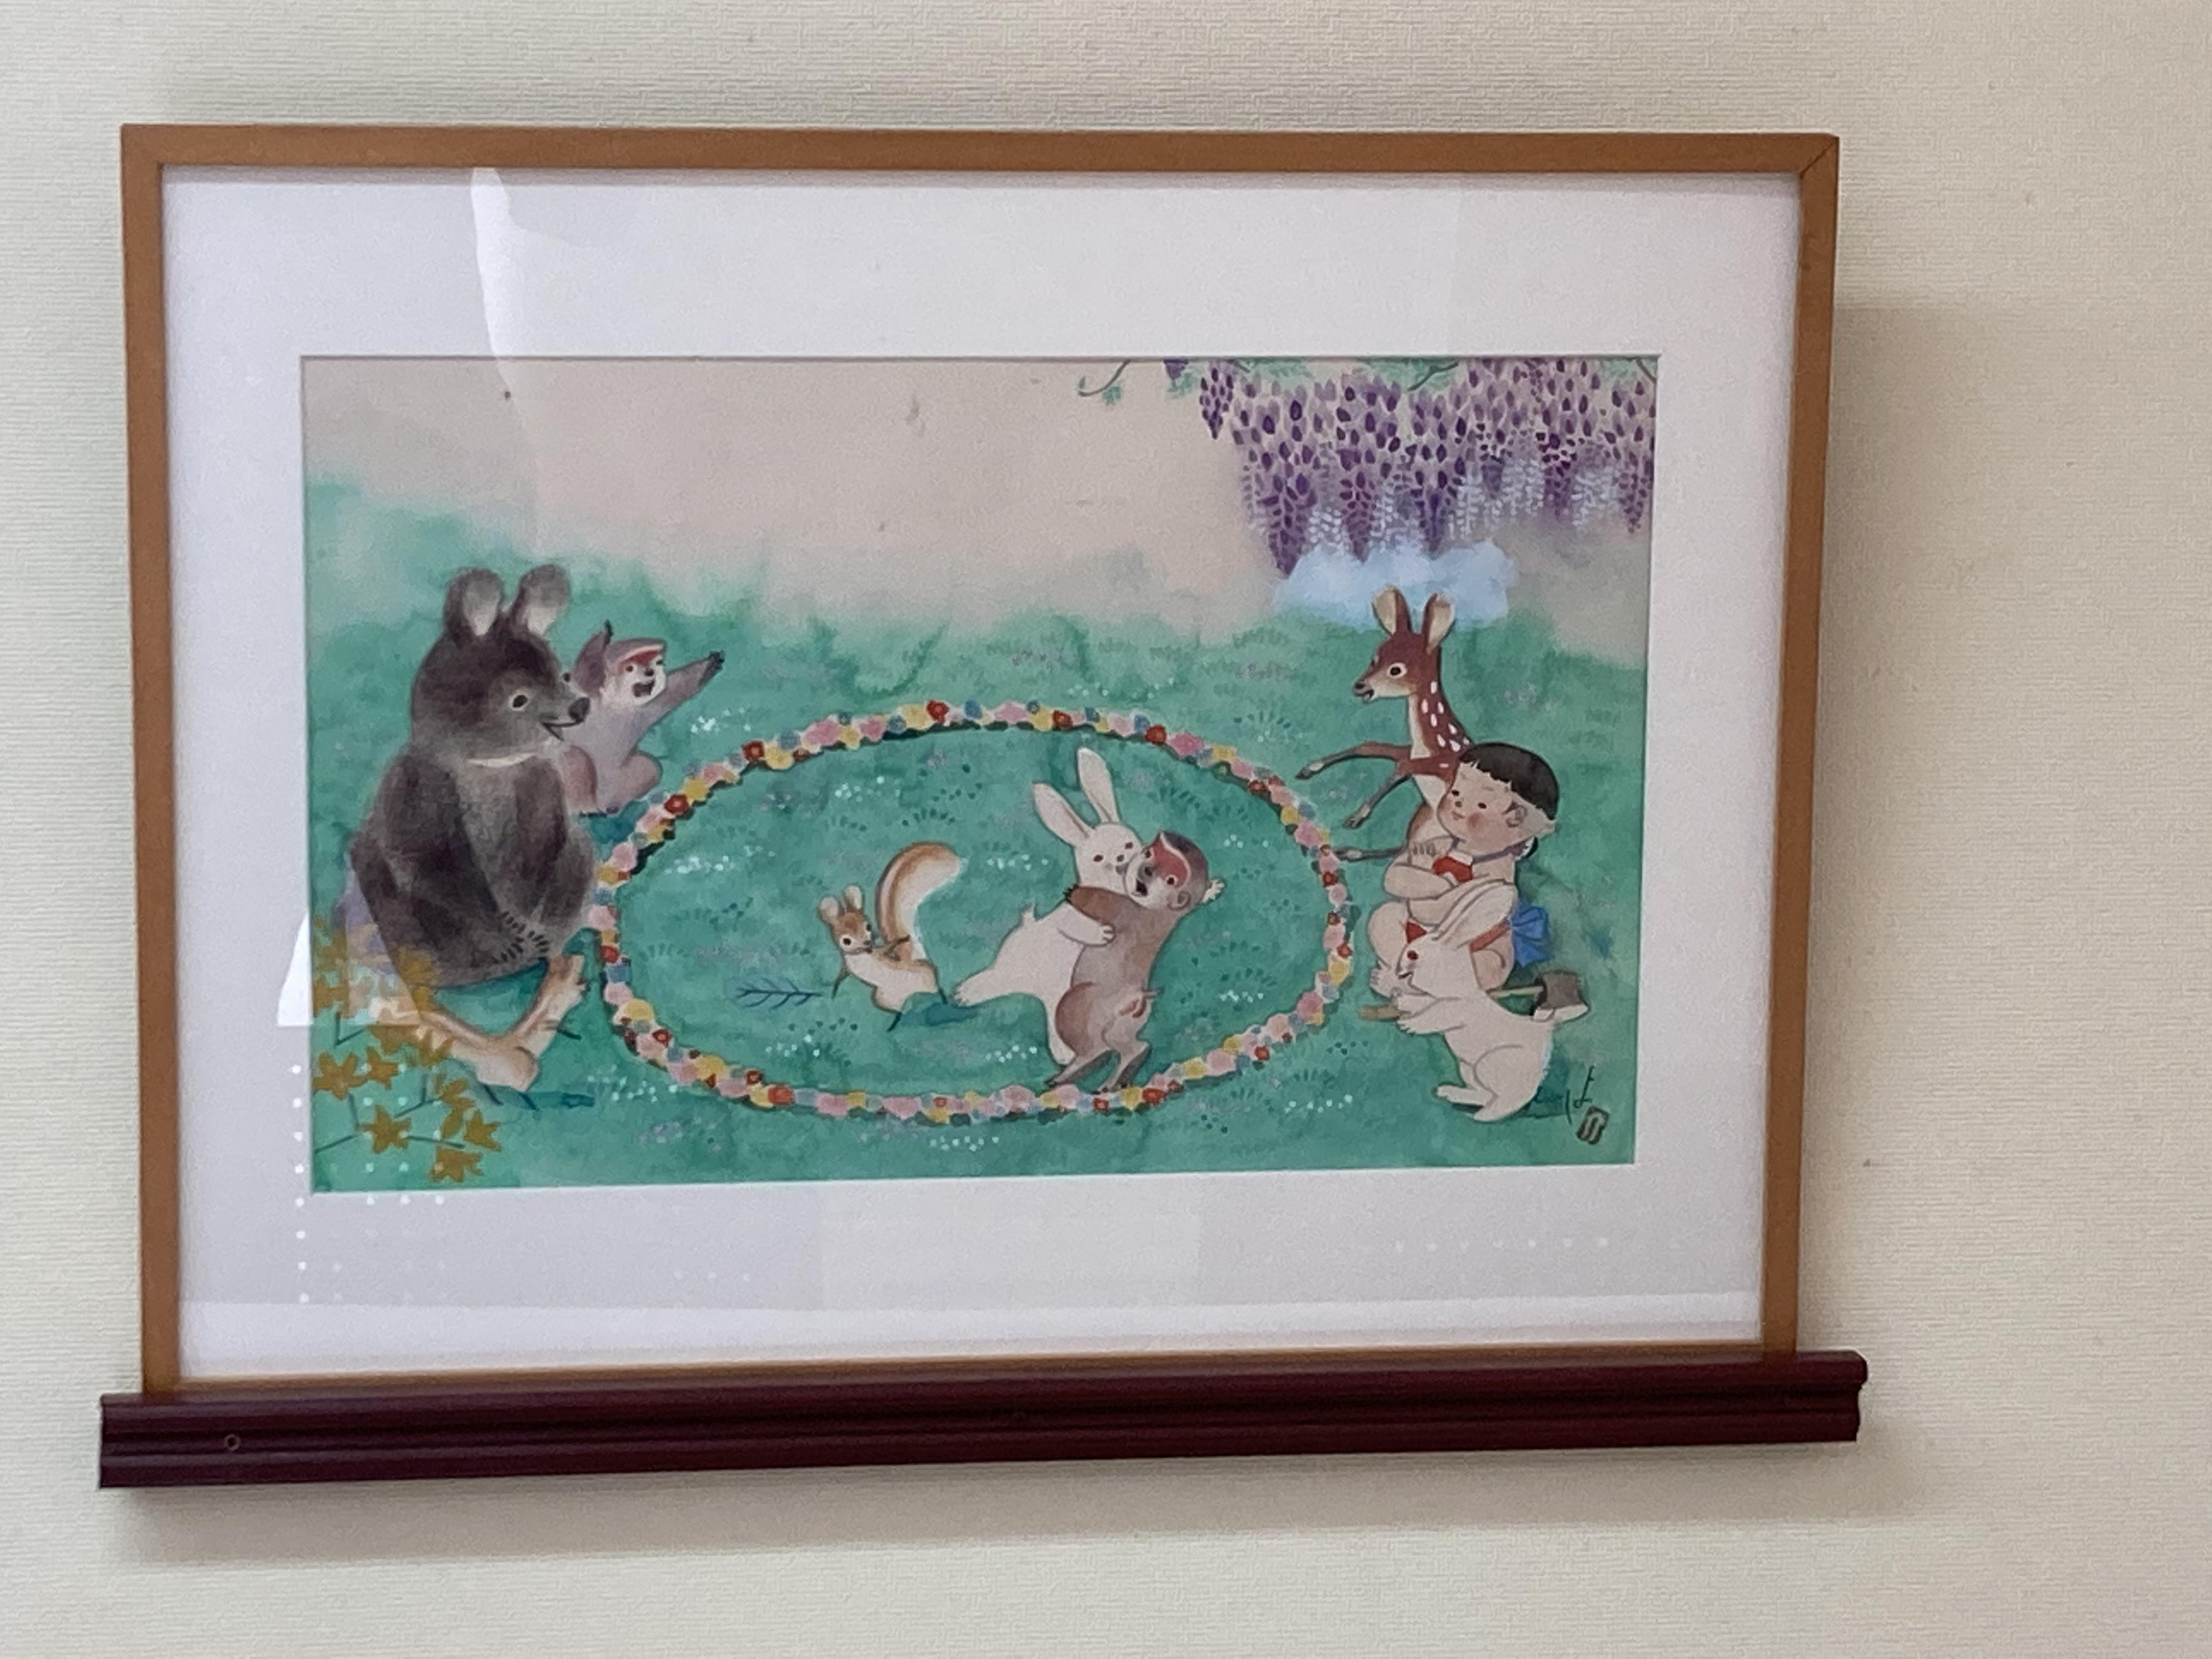 「湘南とらい」に、黒崎義介先生と利用者の作品を展示しています